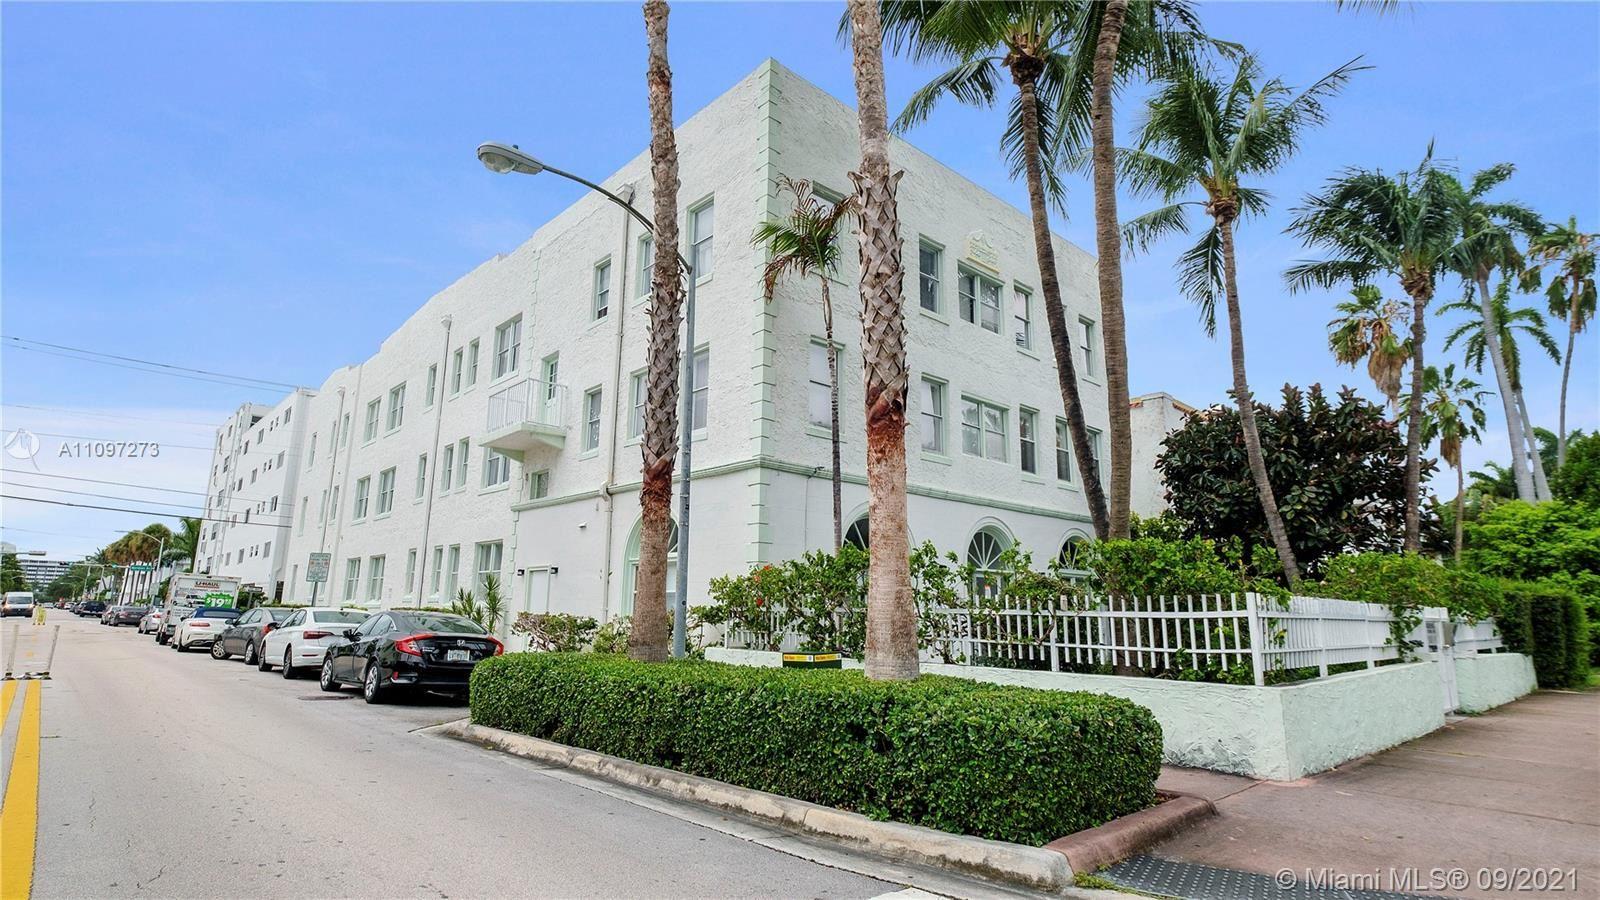 802 Euclid Ave #302, Miami Beach, FL 33139 - #: A11097273